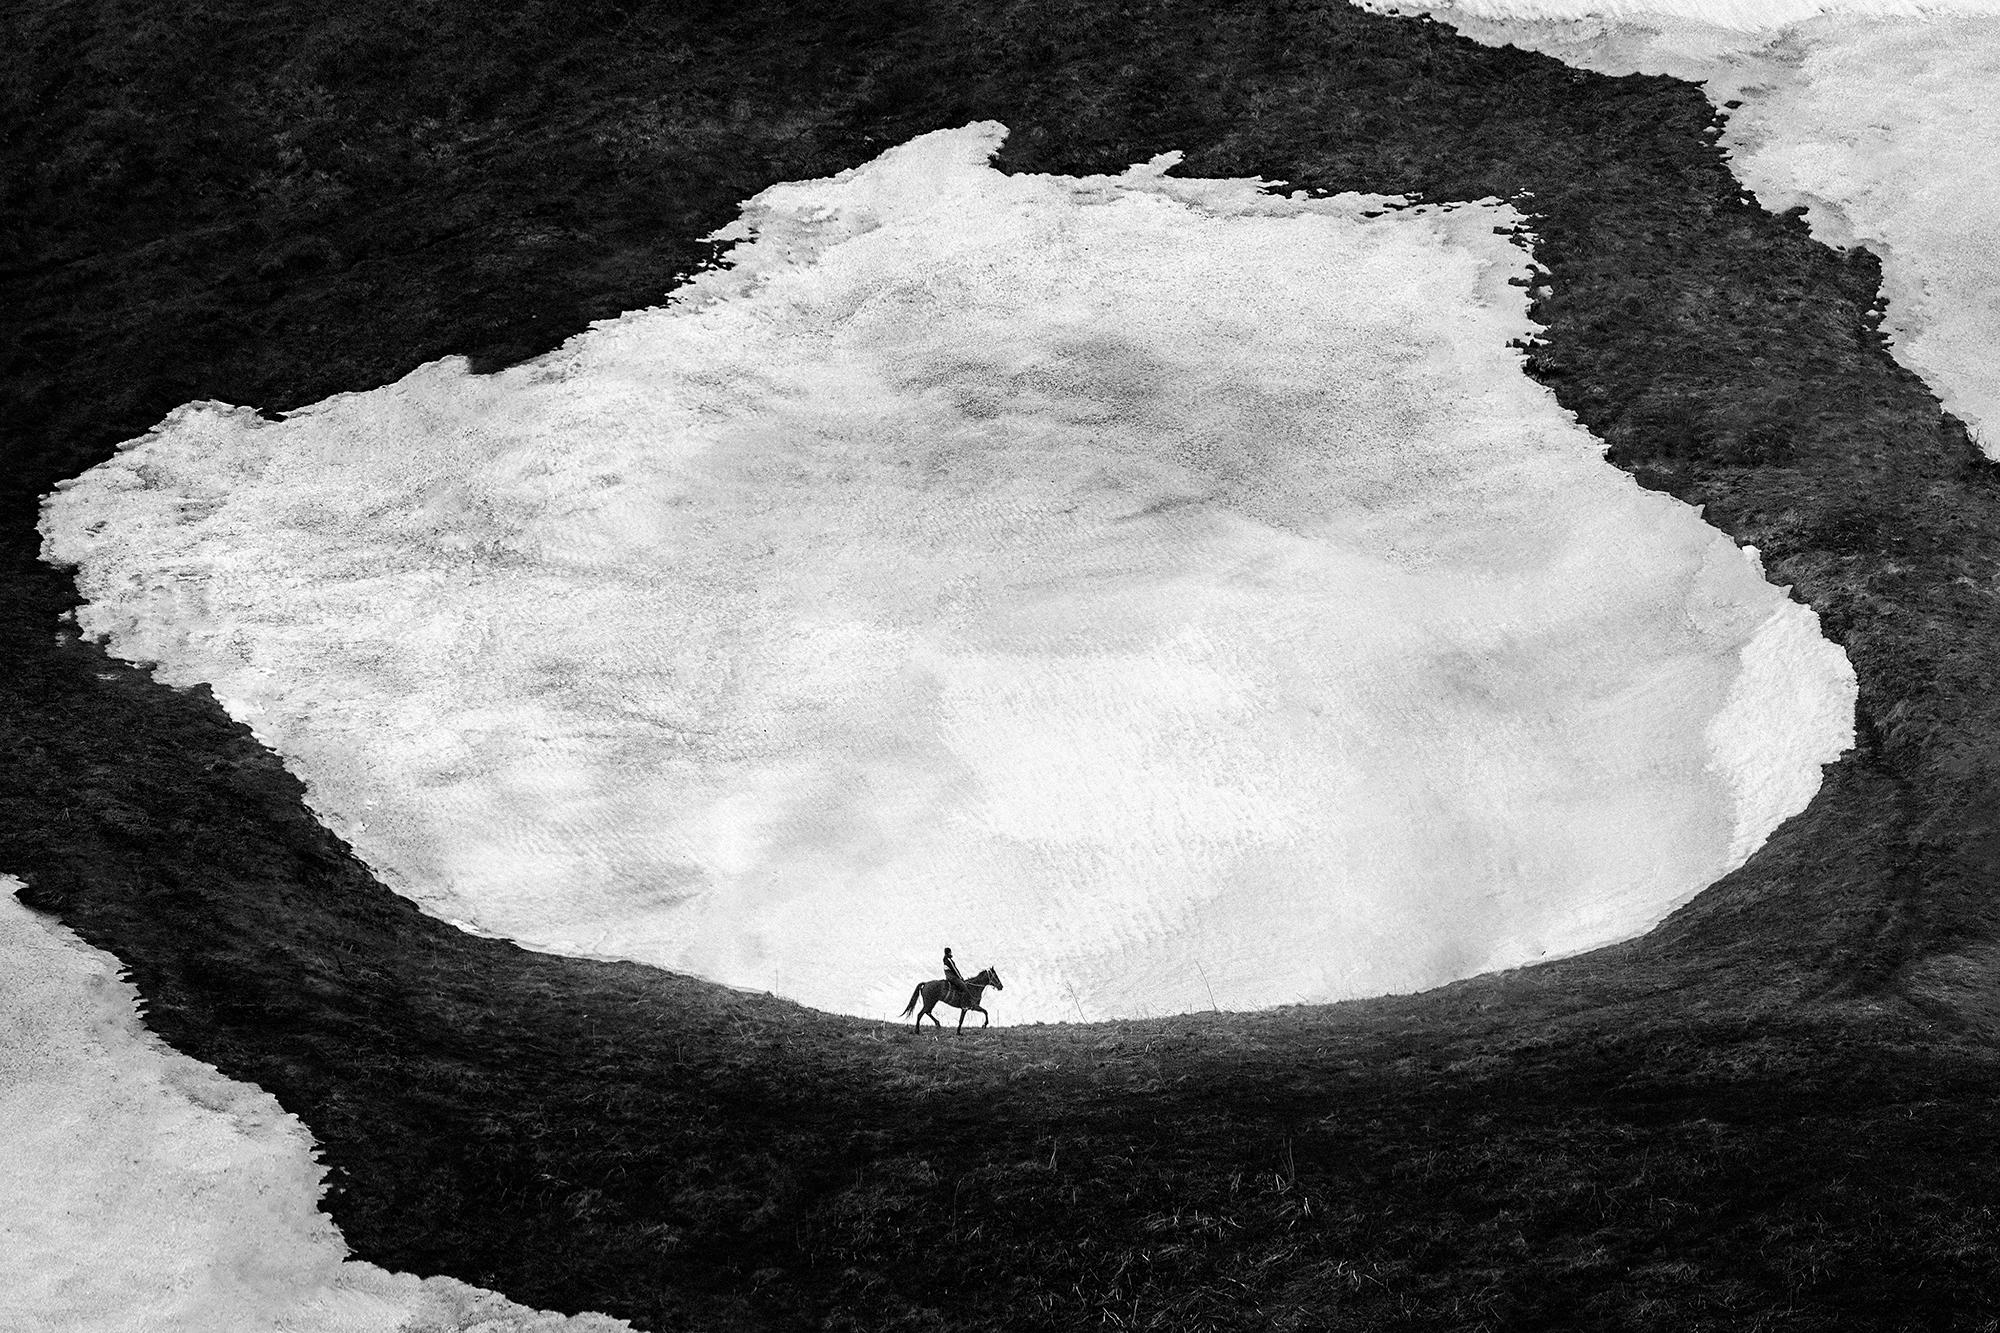 Black & white photograph, landscape, man, horse